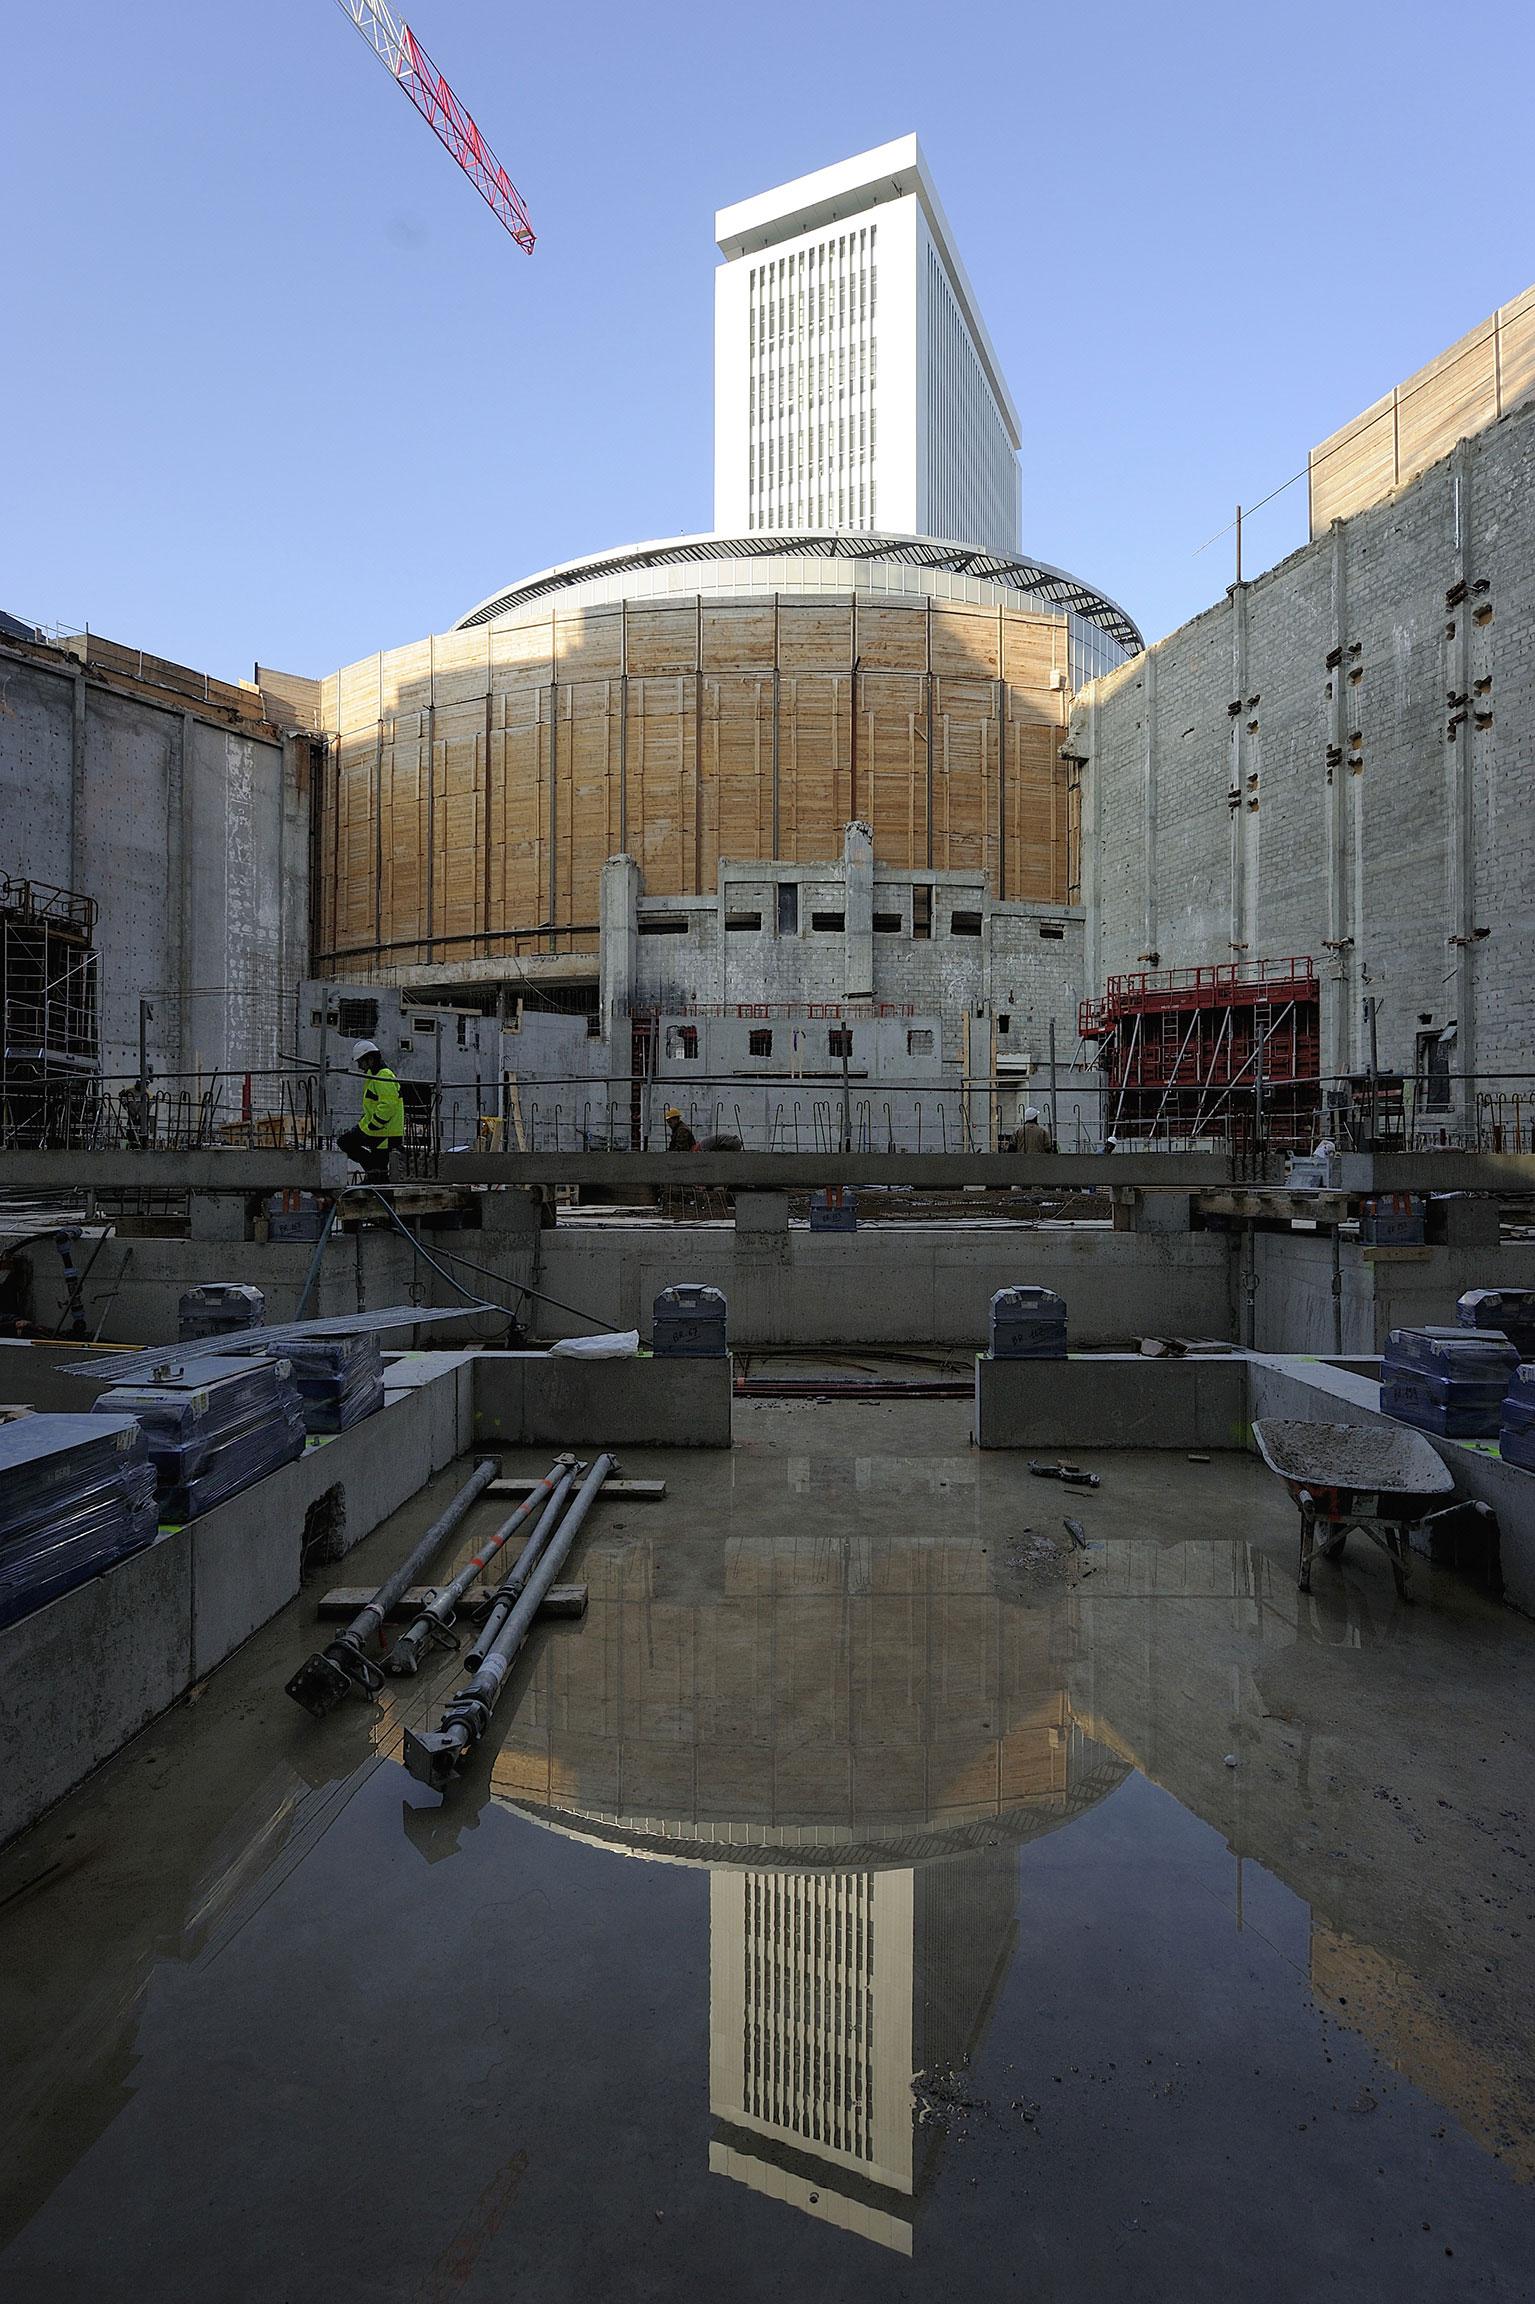 Vue sur le chantier de construction de l'Auditorium depuis la cour intérieure de la Maison de la Radio. C. Abramowitz / Radio France